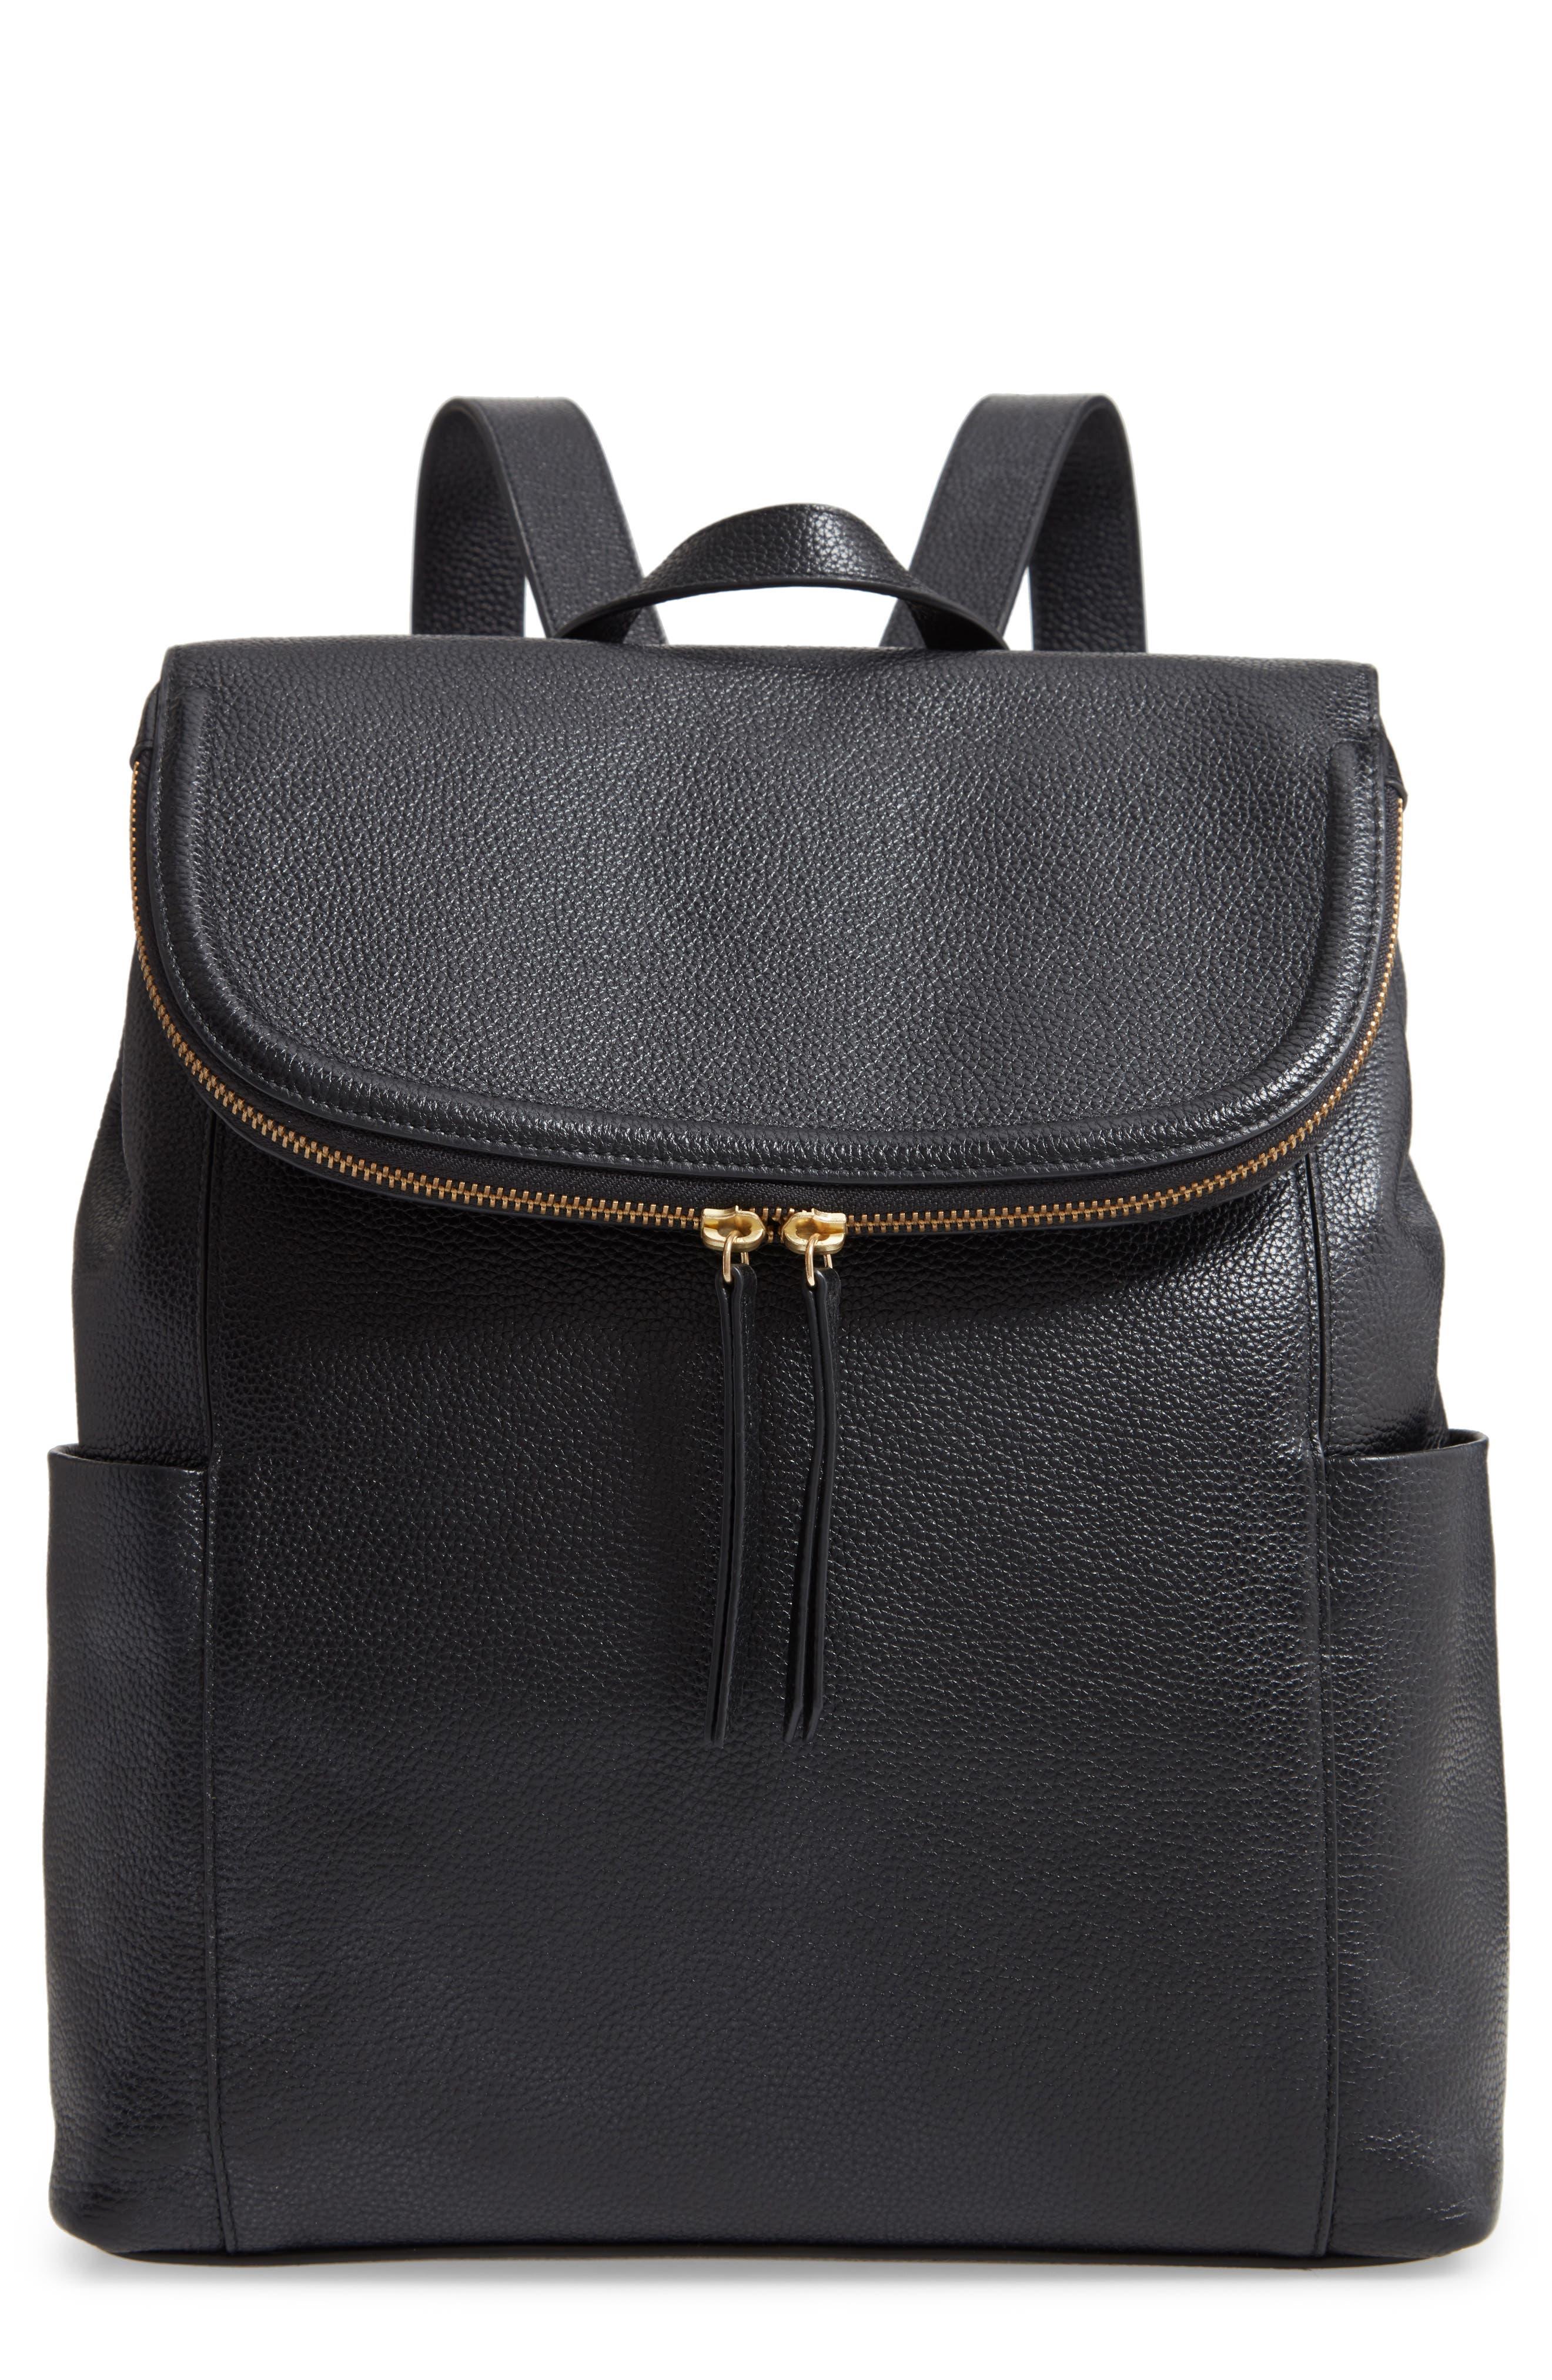 Womens FF LOGO Leather Backpack Shoulder Bag